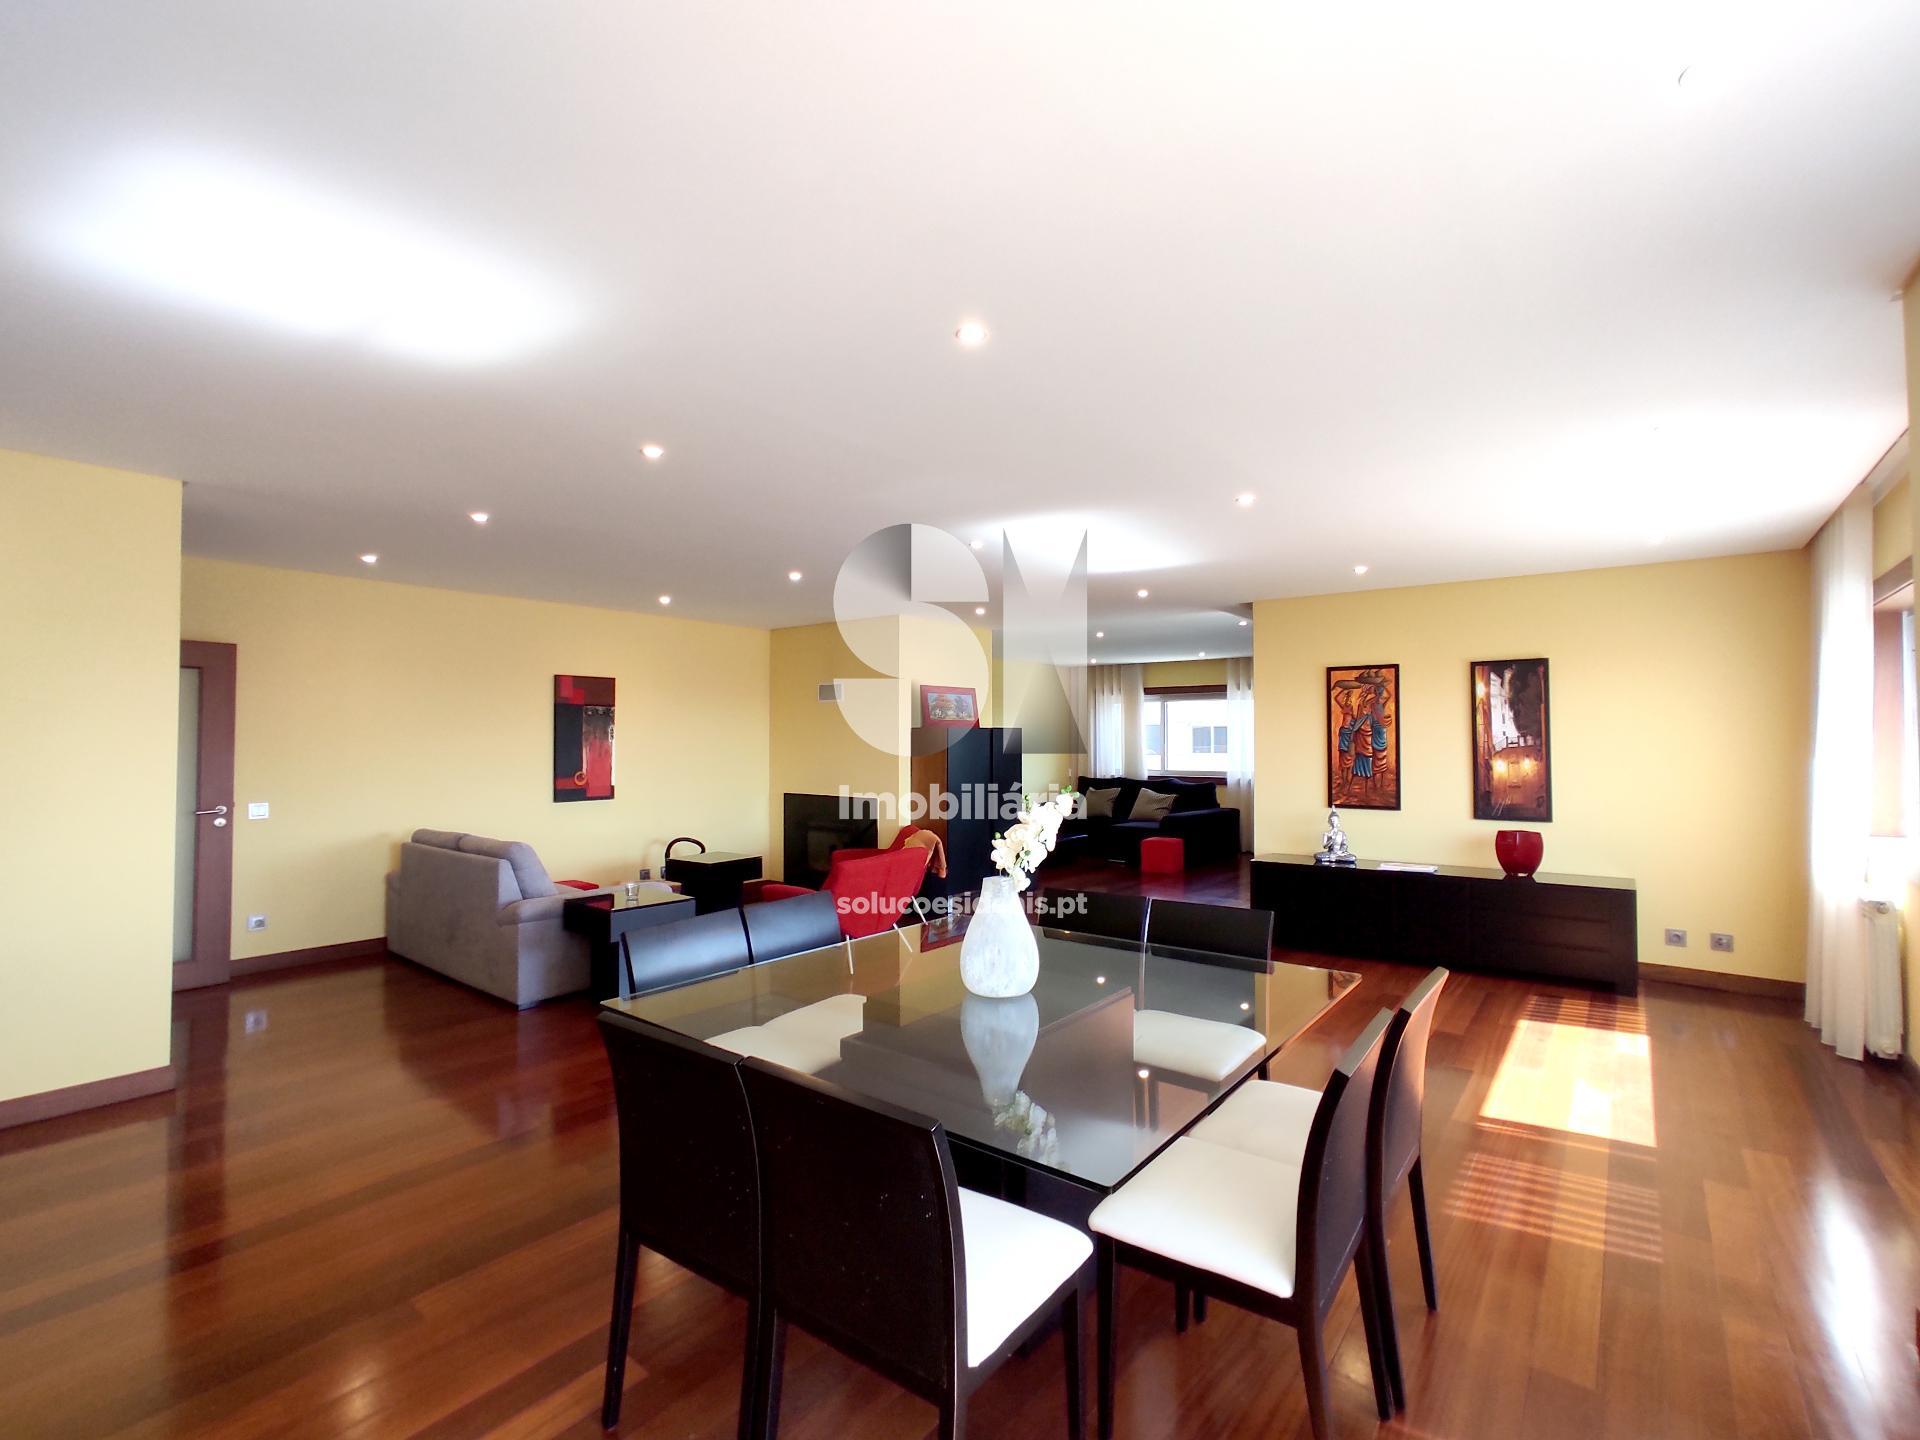 apartamento t41 para compra em maia cidade da maia MAIMV290